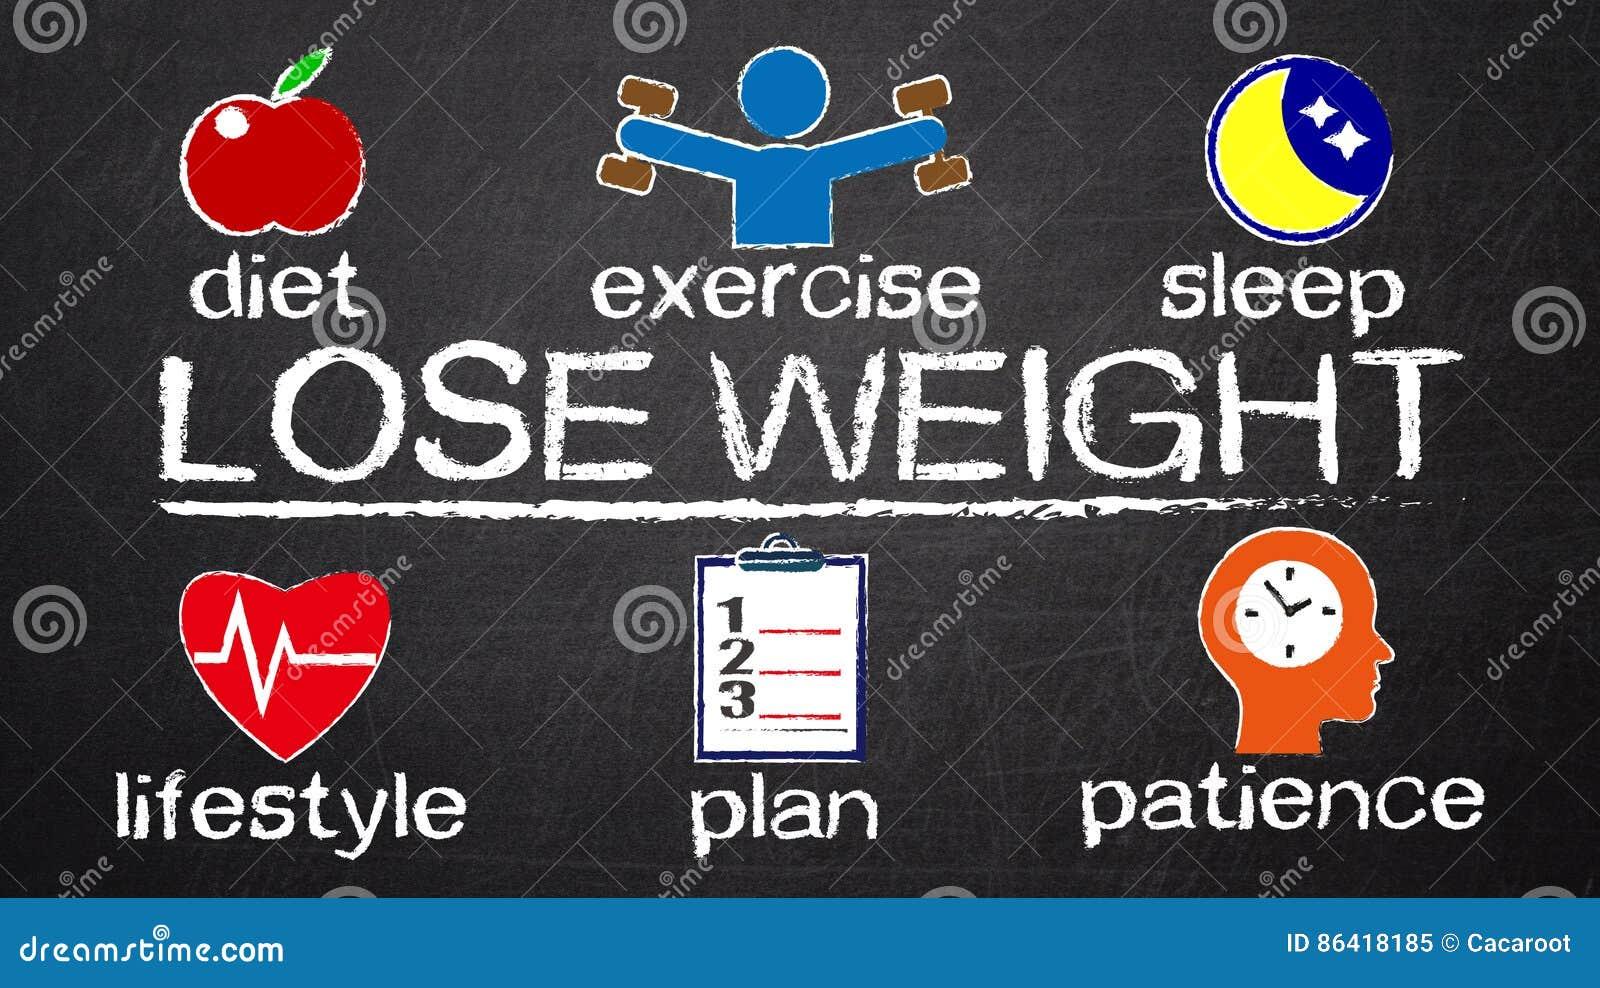 丢失重量与相关元素的概念图